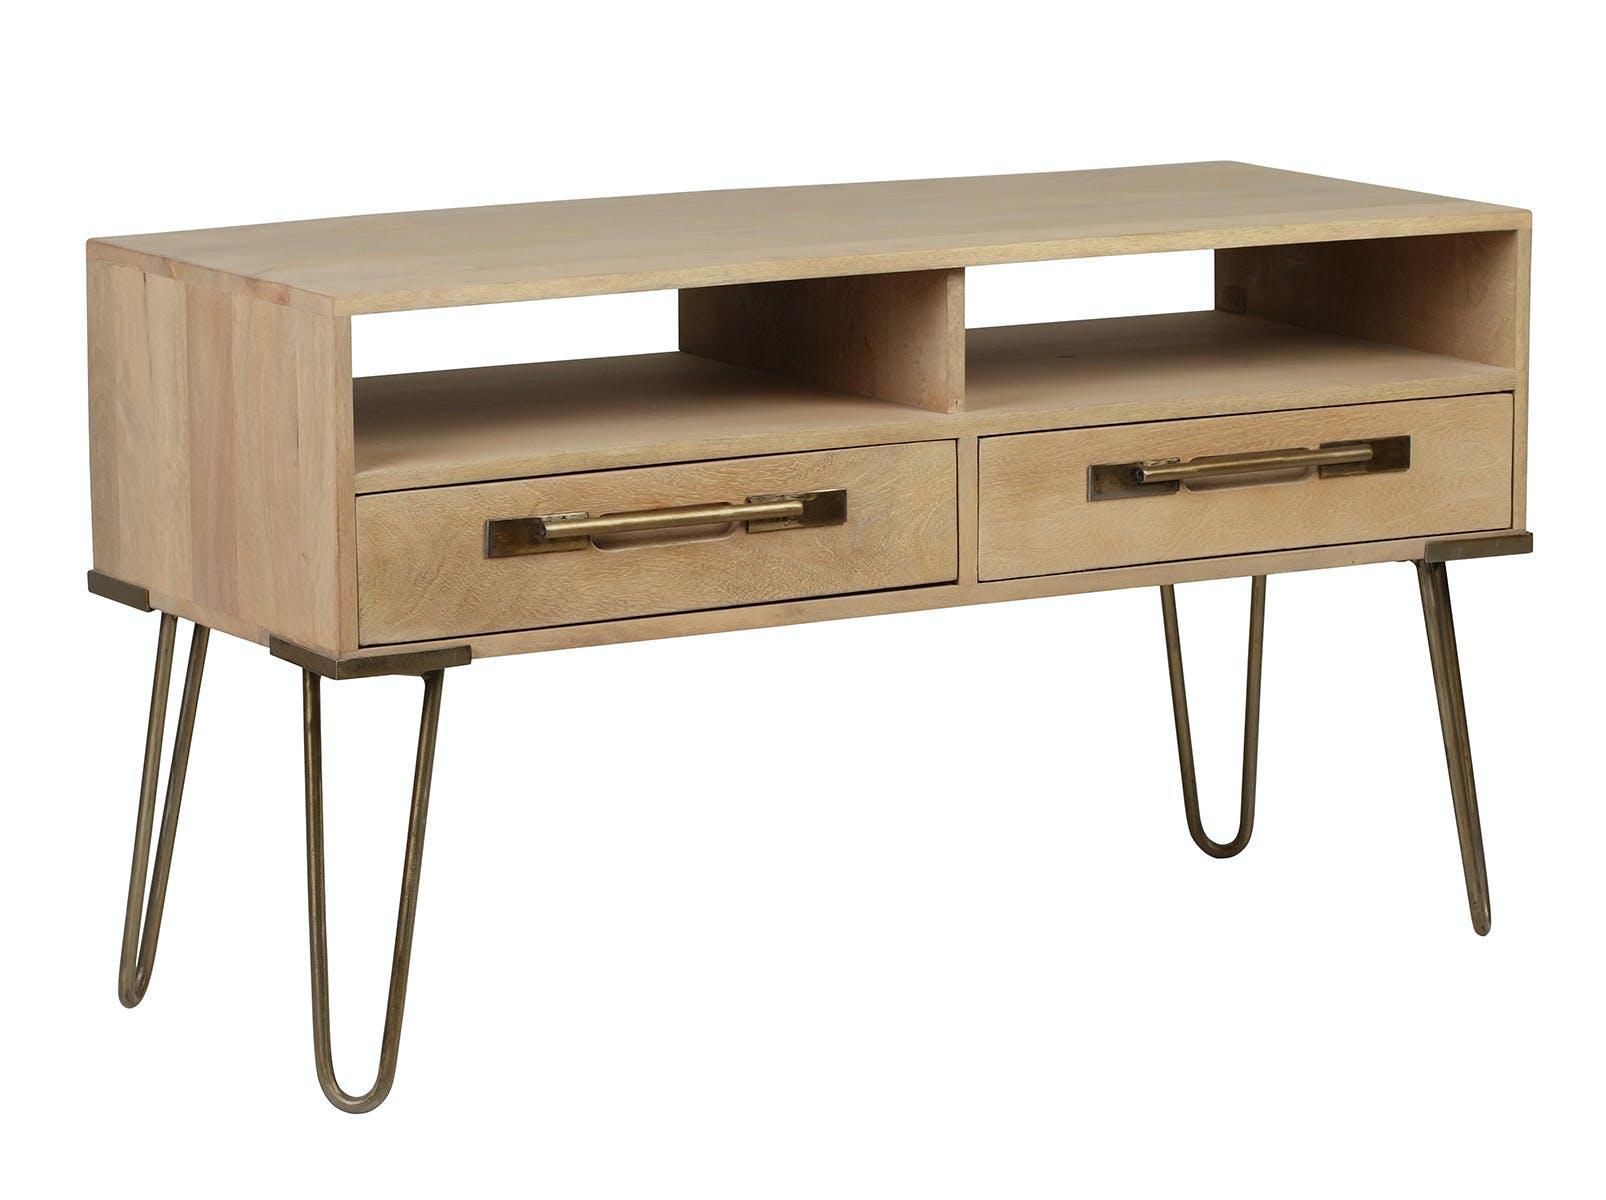 Meuble TV en manguier massif 2 tiroirs 2 niches pieds épingle en métal 99,5x40xH56cm PILAT